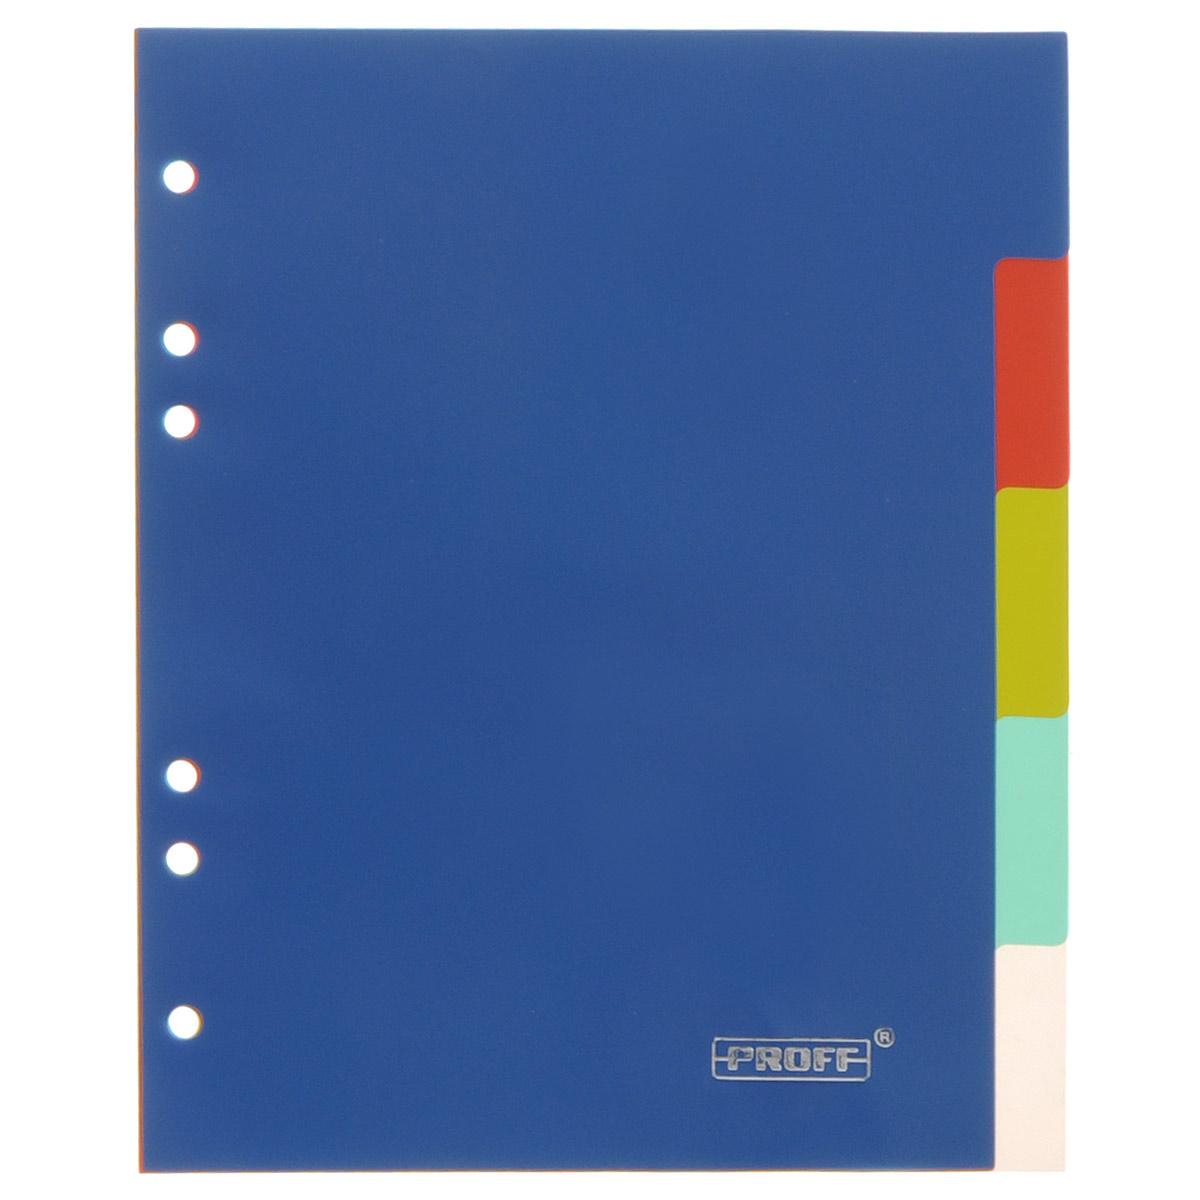 Набор разделителей листов Proff. Формат A5, 5 штPF ROZ A5-5Набор разделителей листов Proff, изготовленный из полипропилена, станет незаменимой канцелярской принадлежностью в вашей работе. Разделители разных цветов предназначены для учета, классификации и удобной систематизации документов формата А5 в архивных папках, папках-регистраторах, скоросшивателях. В набор входят 5 разделителей. Универсальная боковая перфорация, состоящая из 6 отверстий, позволяет использовать разделители в папках с различными механизмами подшивания.